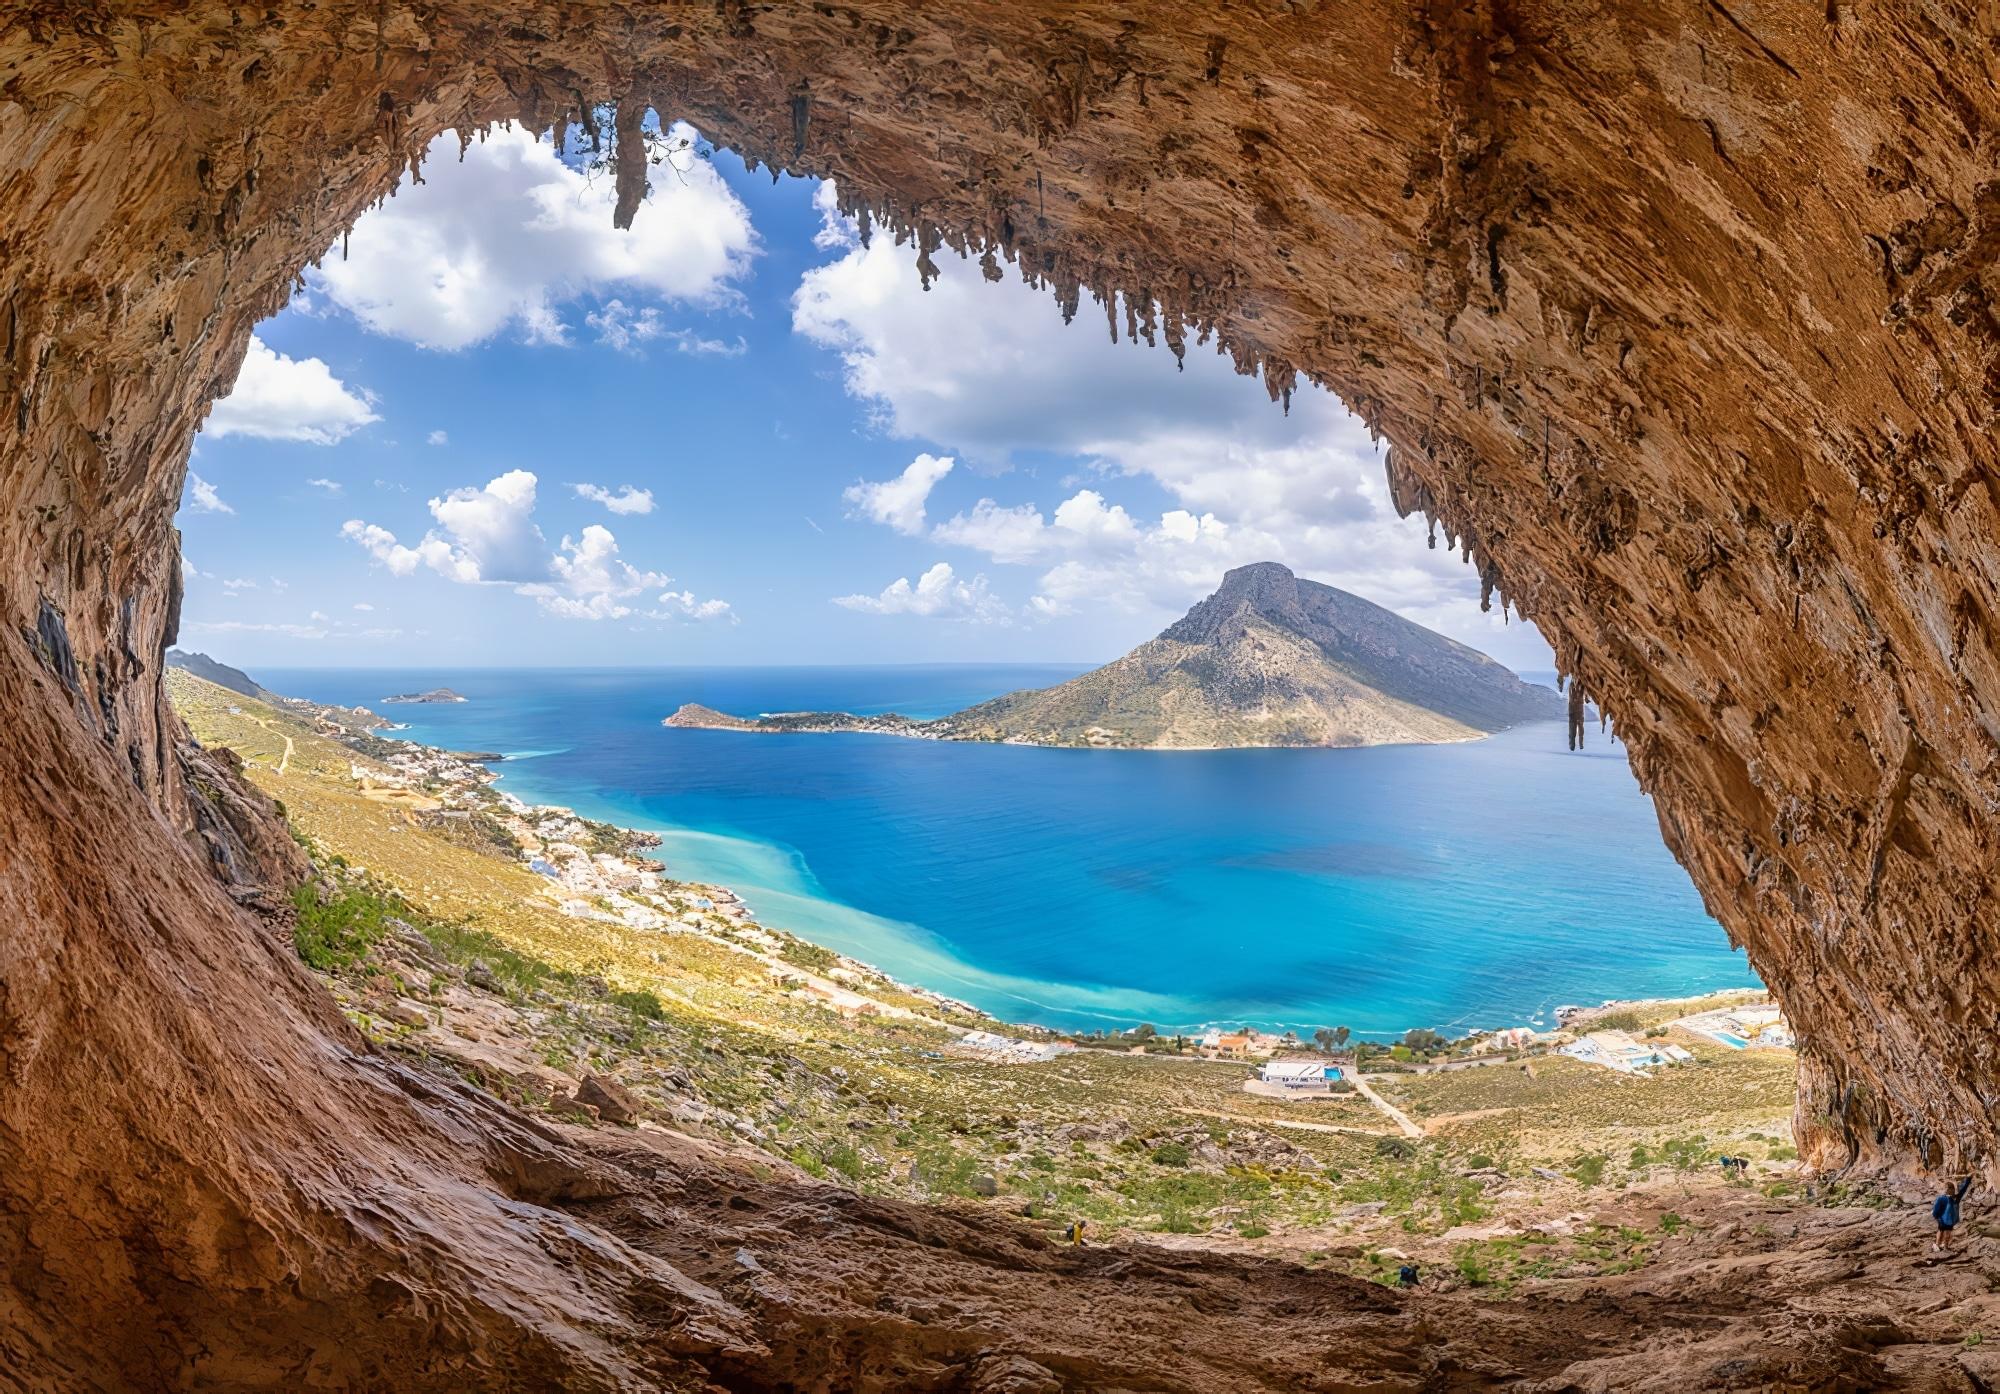 Vue sur l'île de Telendos